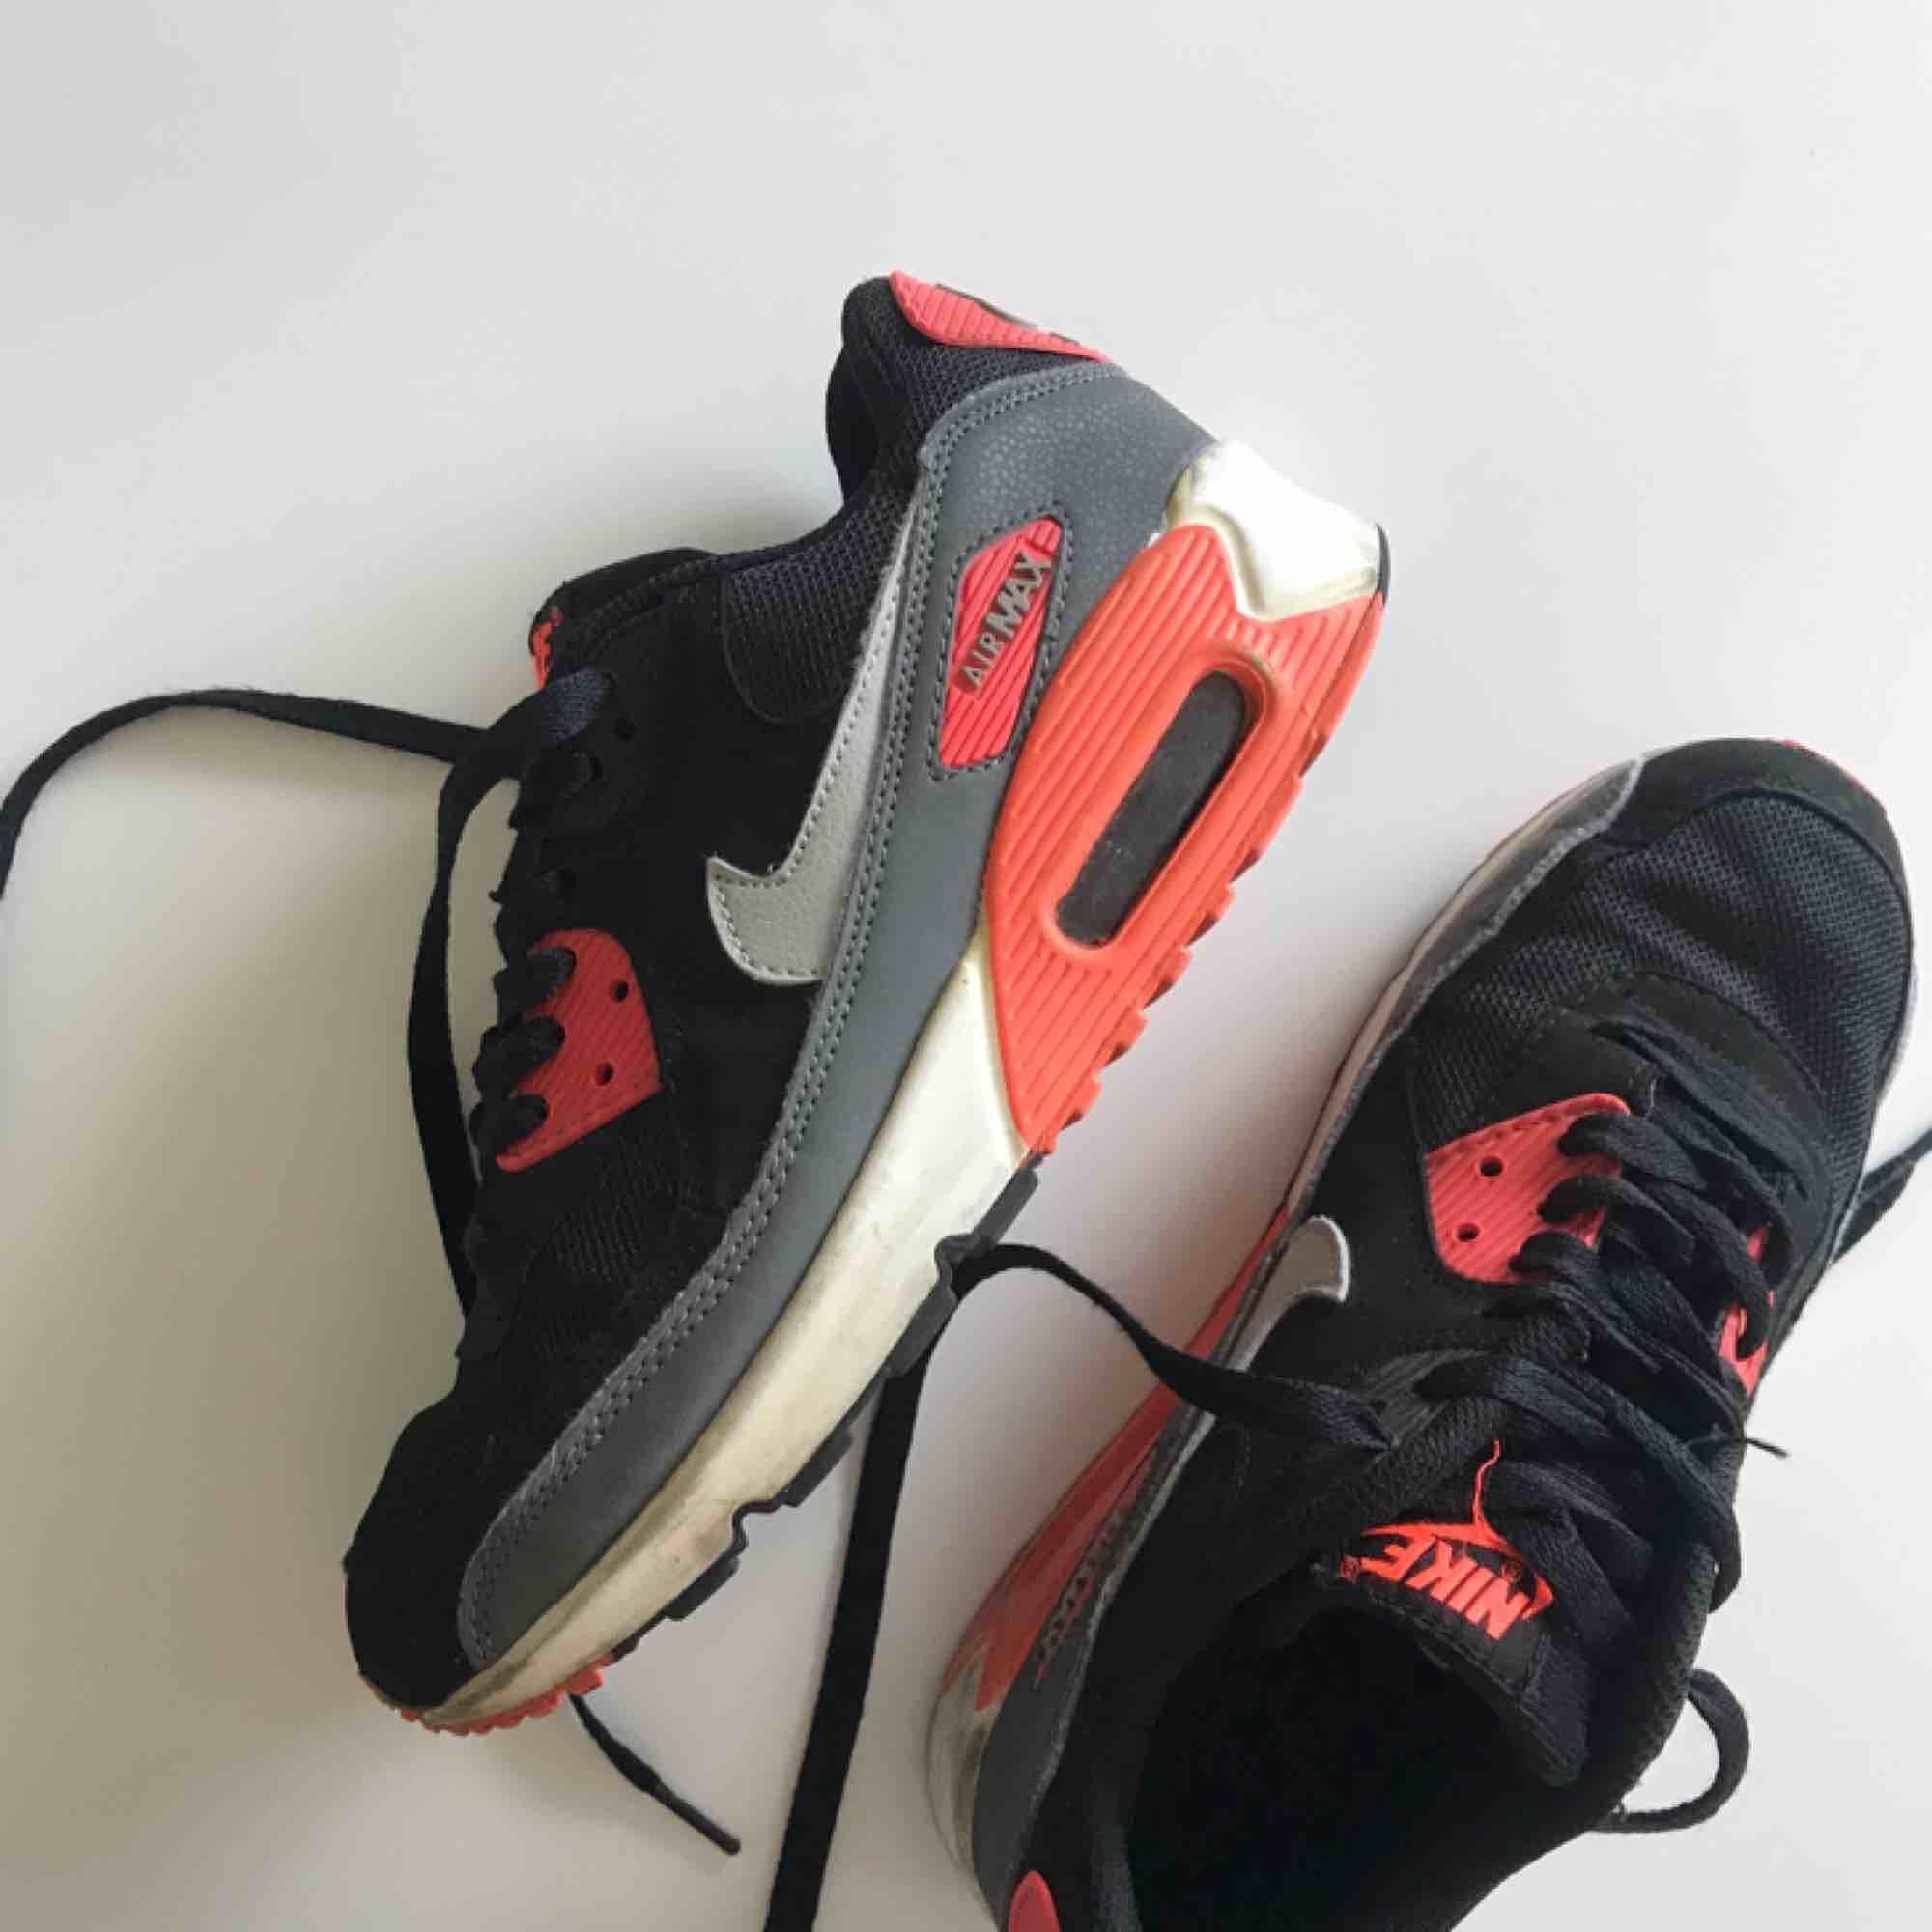 Nike Air Max 90 i fint skick, endast lite slitna/smutsiga på hälen som ni ser på bilden. Köpta för 1399:- säljer för 200:-. Skor.